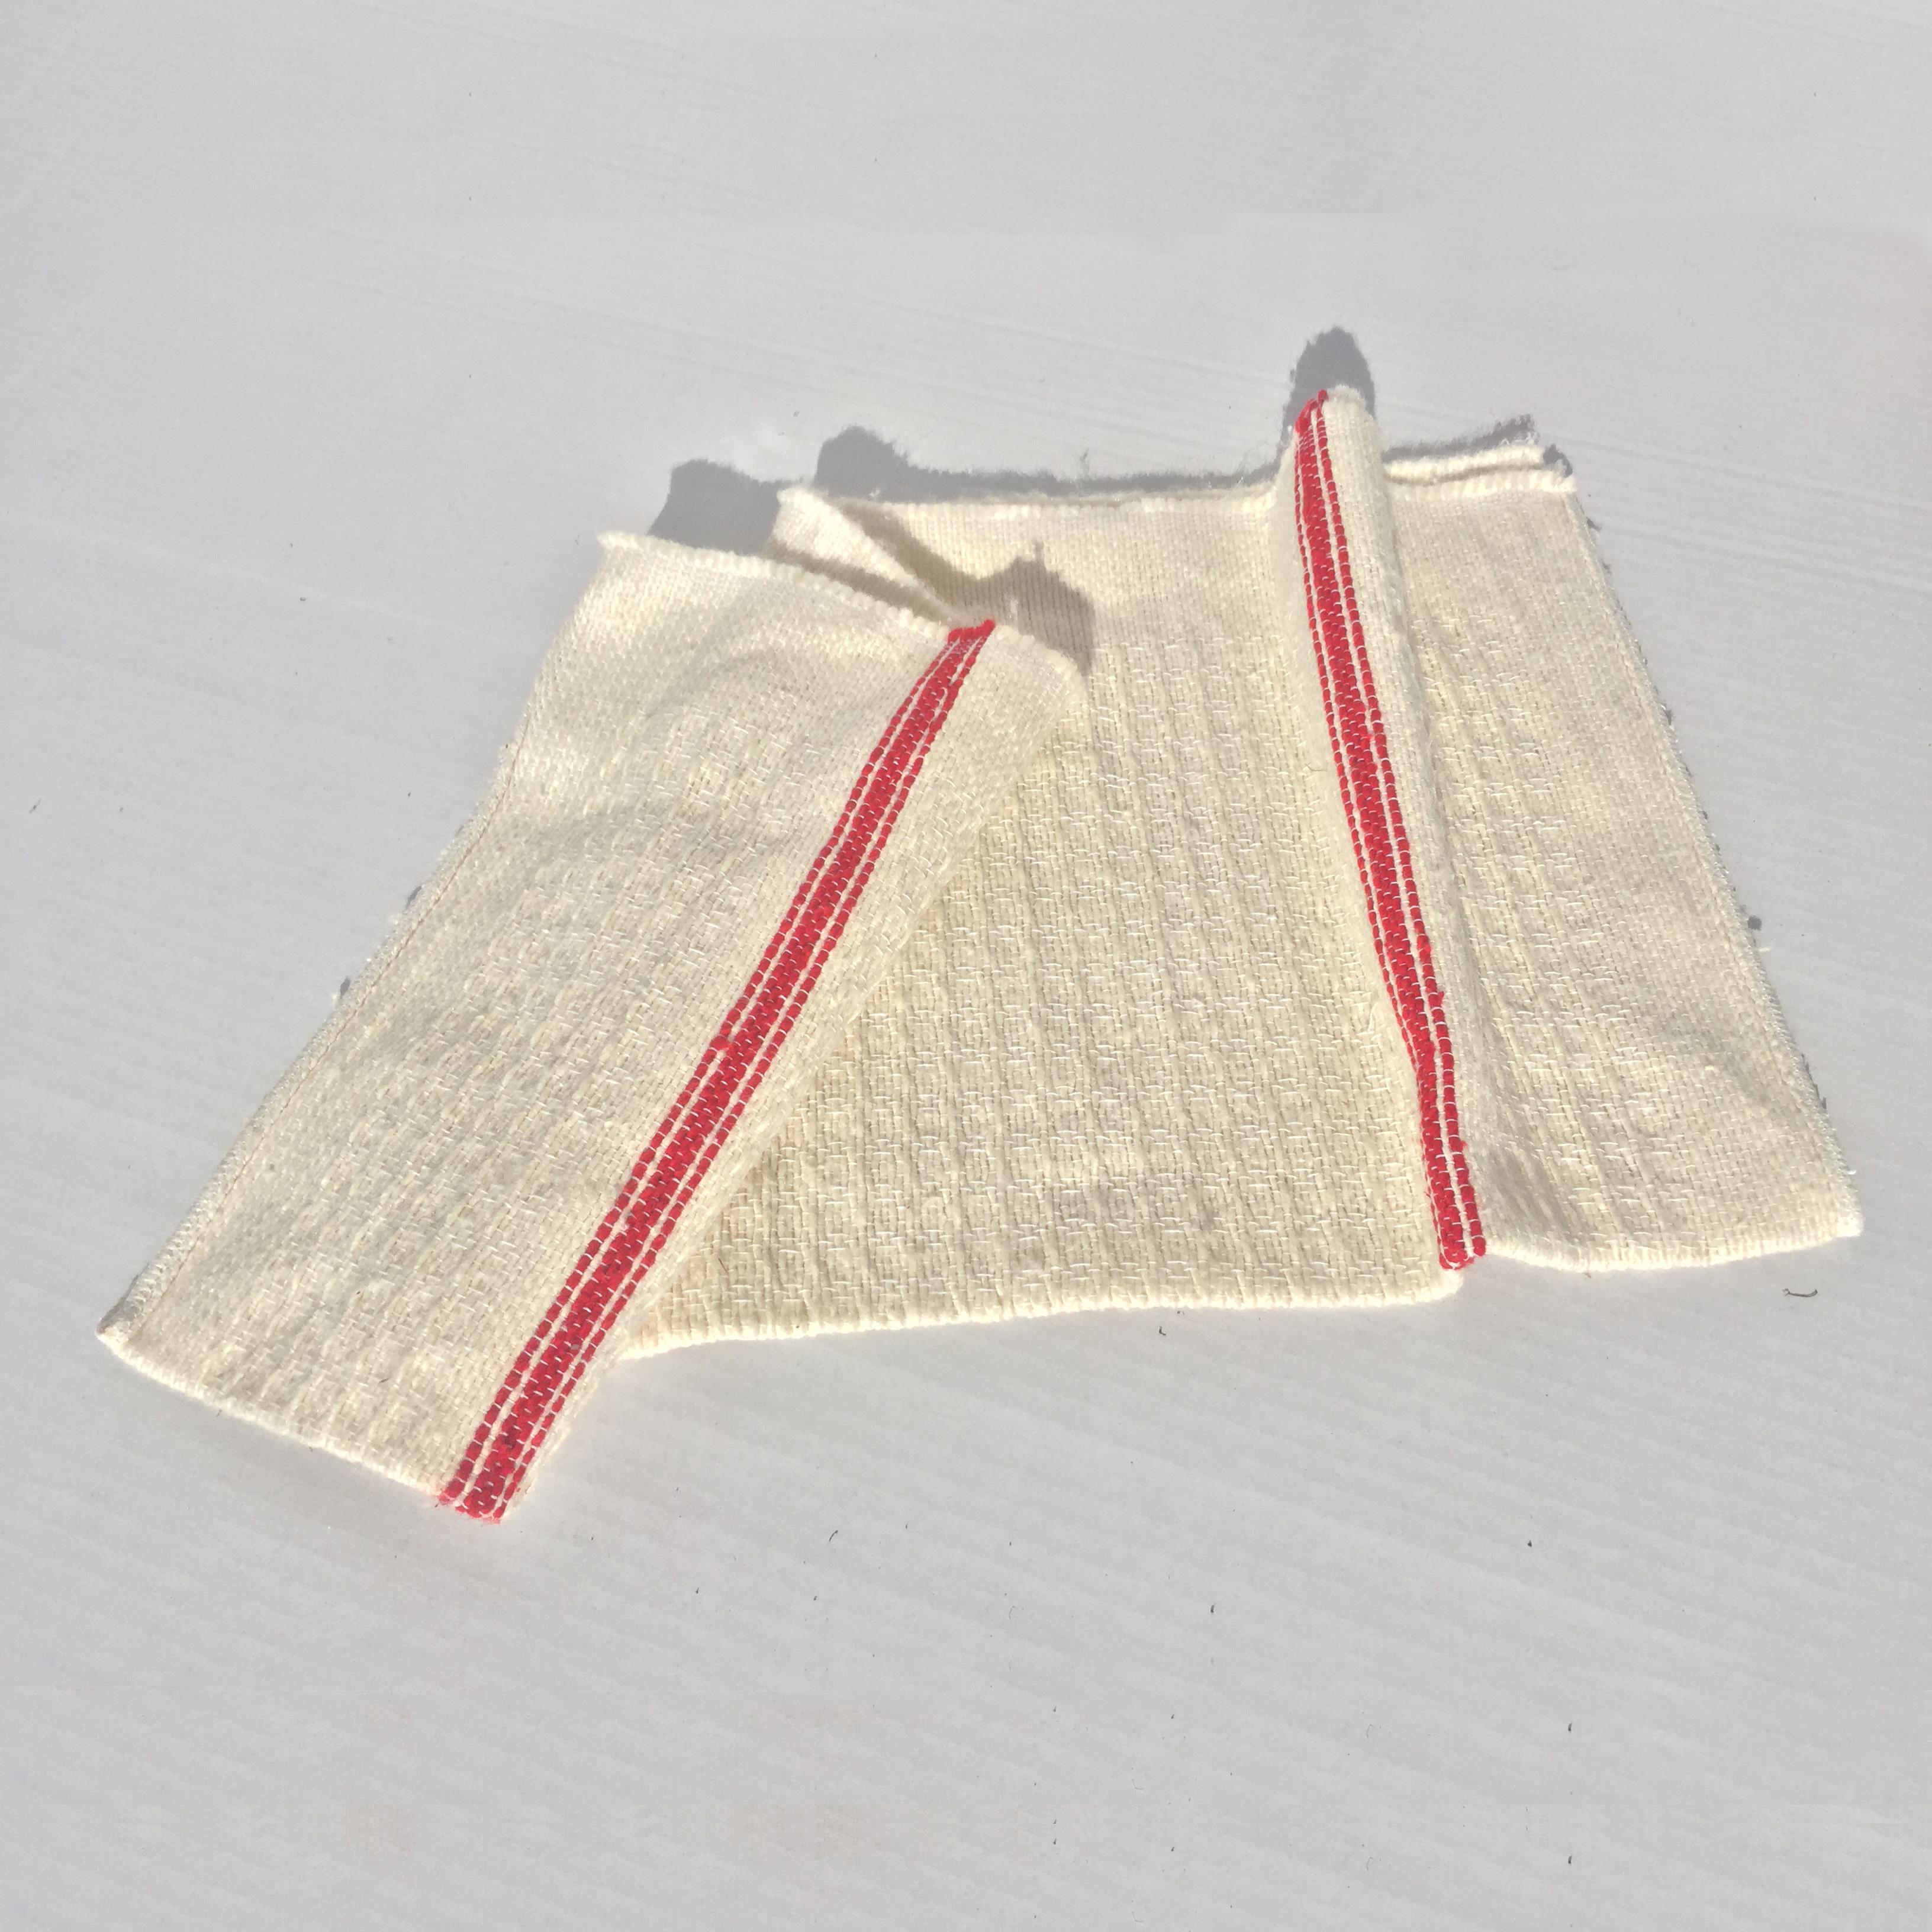 24 cm 180 g Ultra absorbant et d/égraissant Recharge//T/ête de Balai Serpill/ère 2 x Serpilli/ère Coton Professionnelle